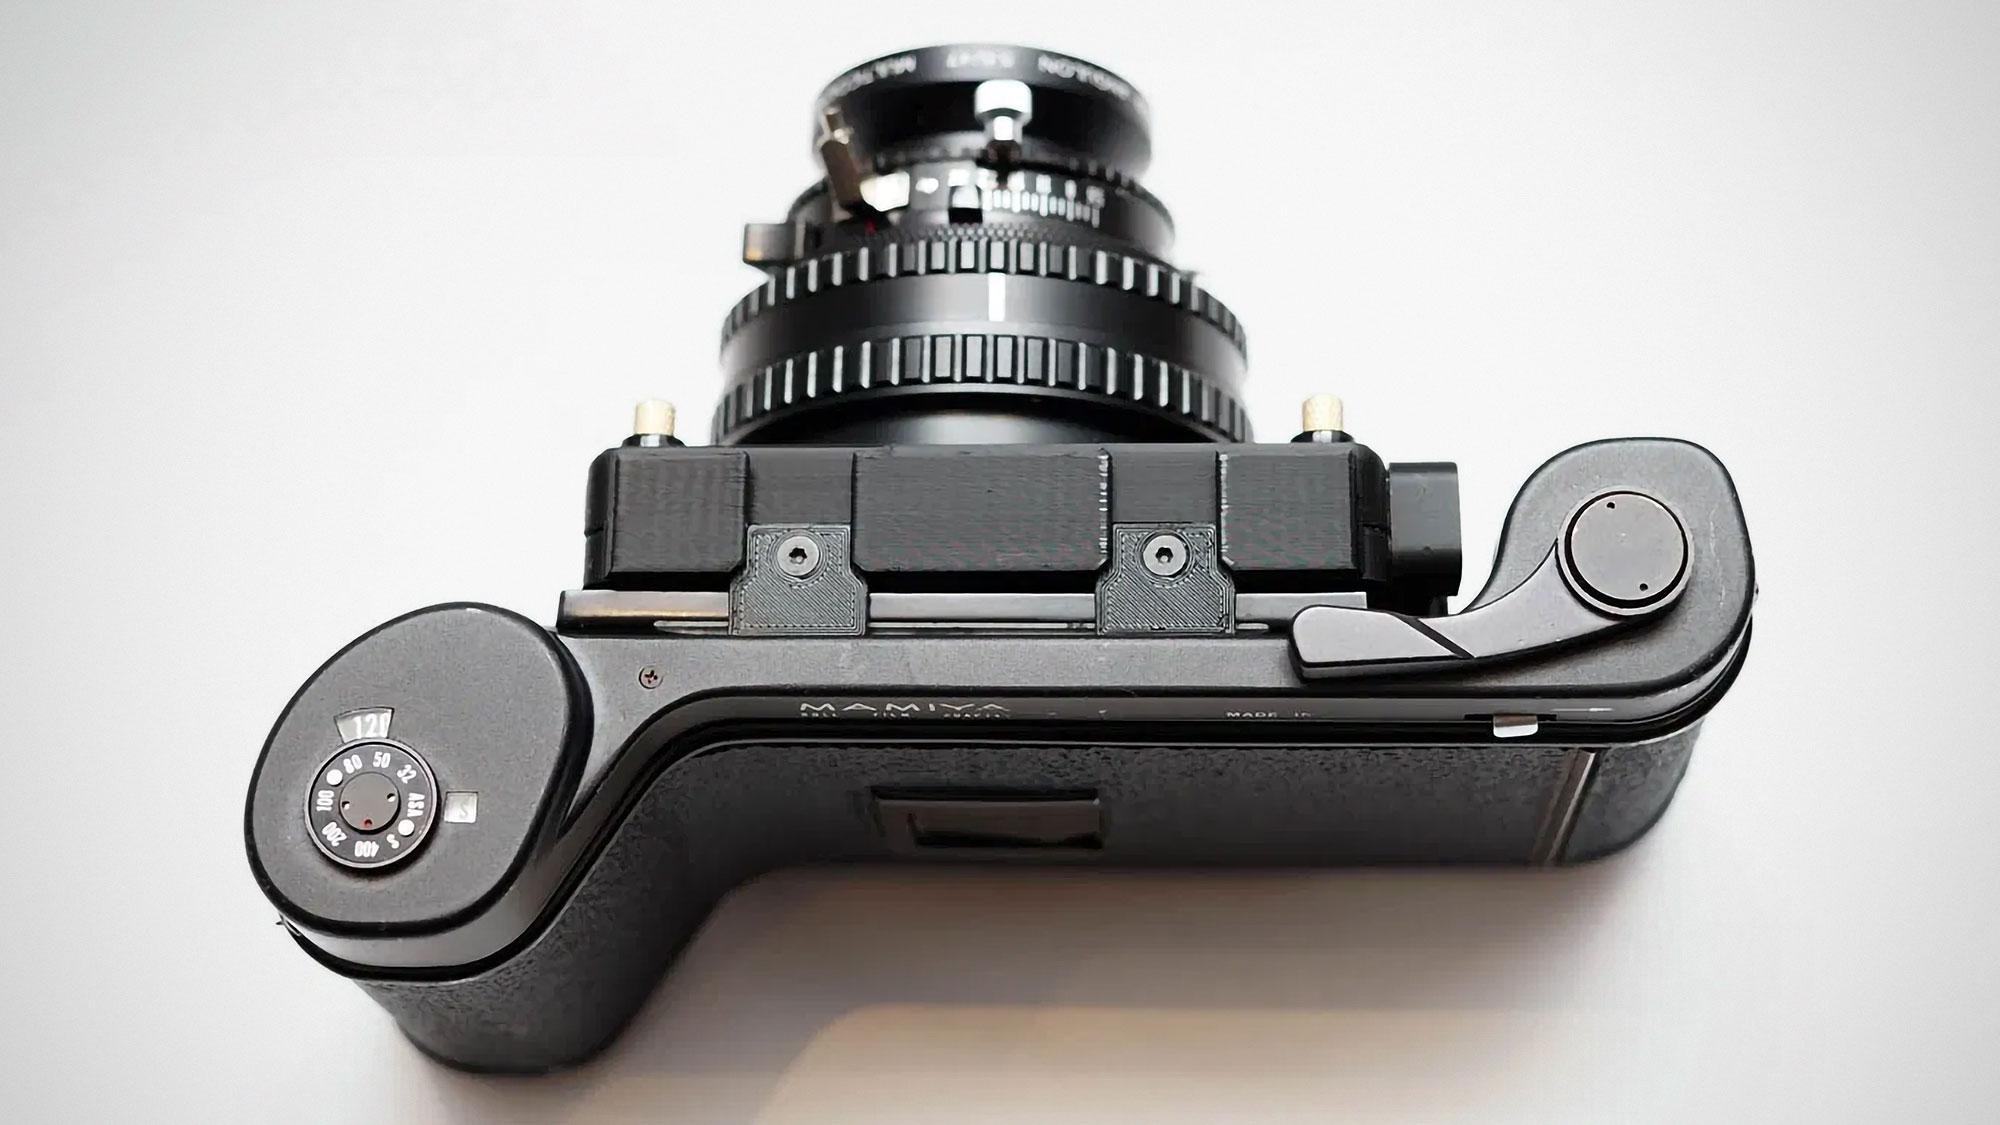 Chroma Modular Medium Format Film Camera